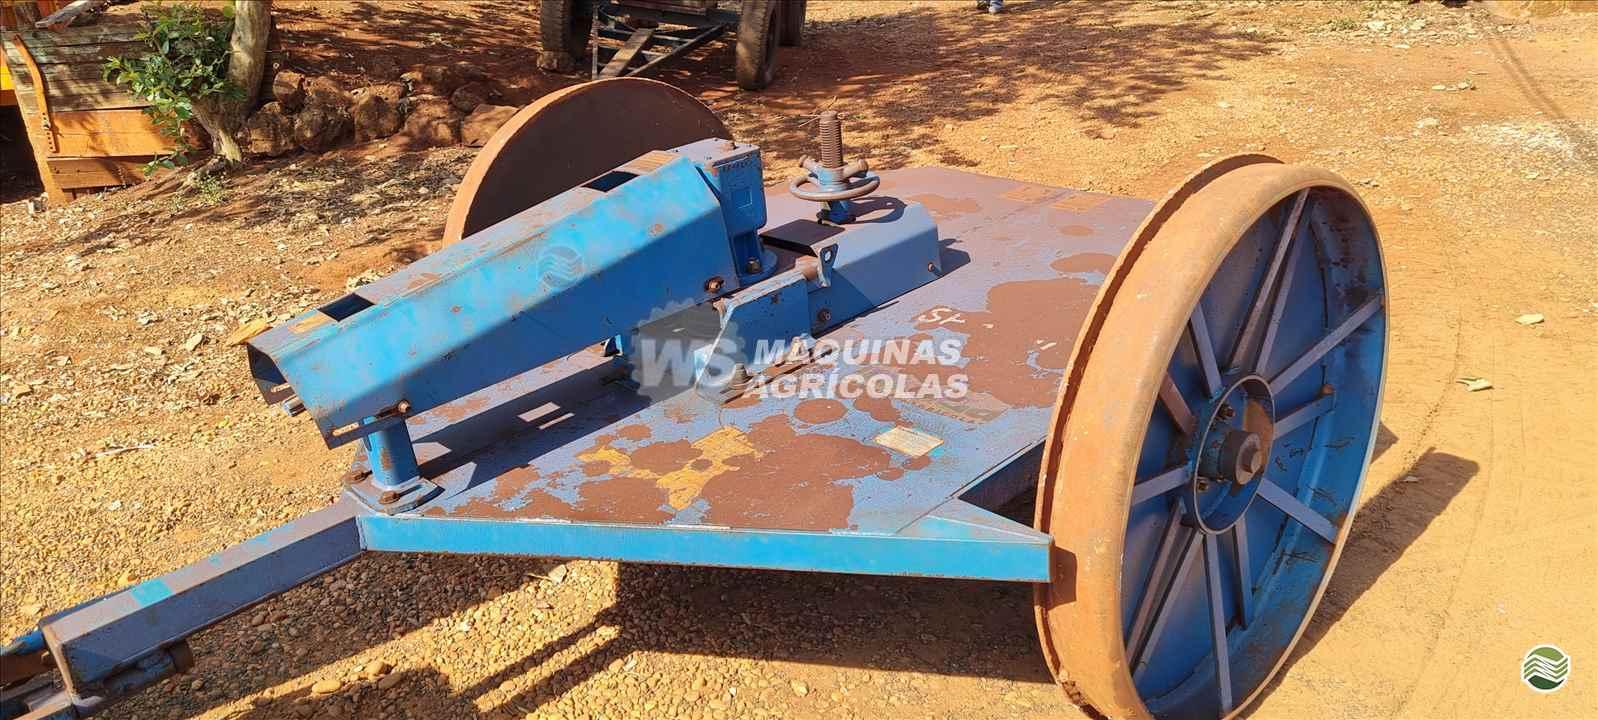 ROCADEIRA ARRASTO de WS Máquinas Agrícolas - SERTAOZINHO/SP